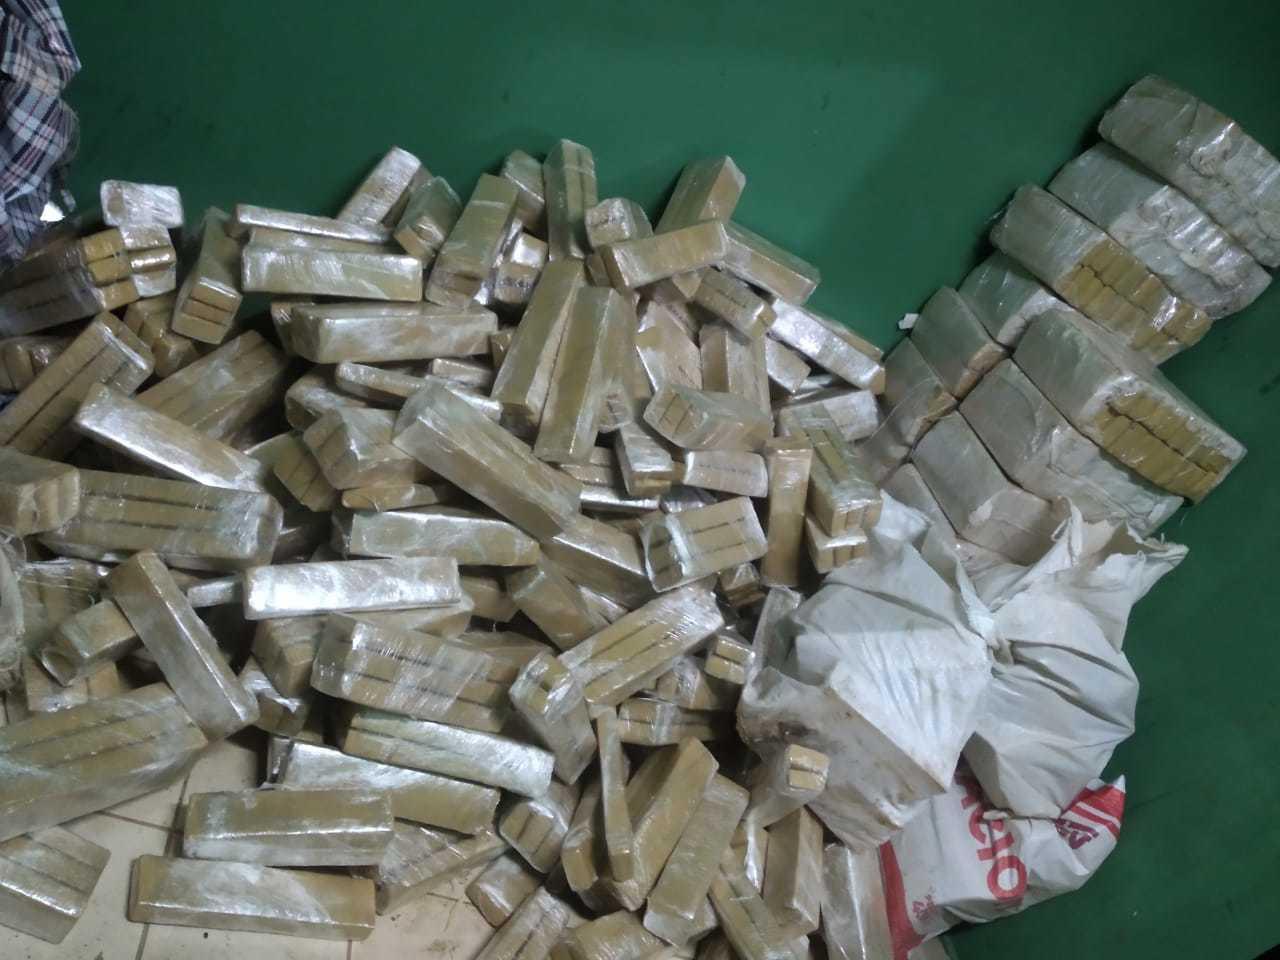 Tabletes de maconha em quarto usado por traficantes. (Foto: Polícia Civil)